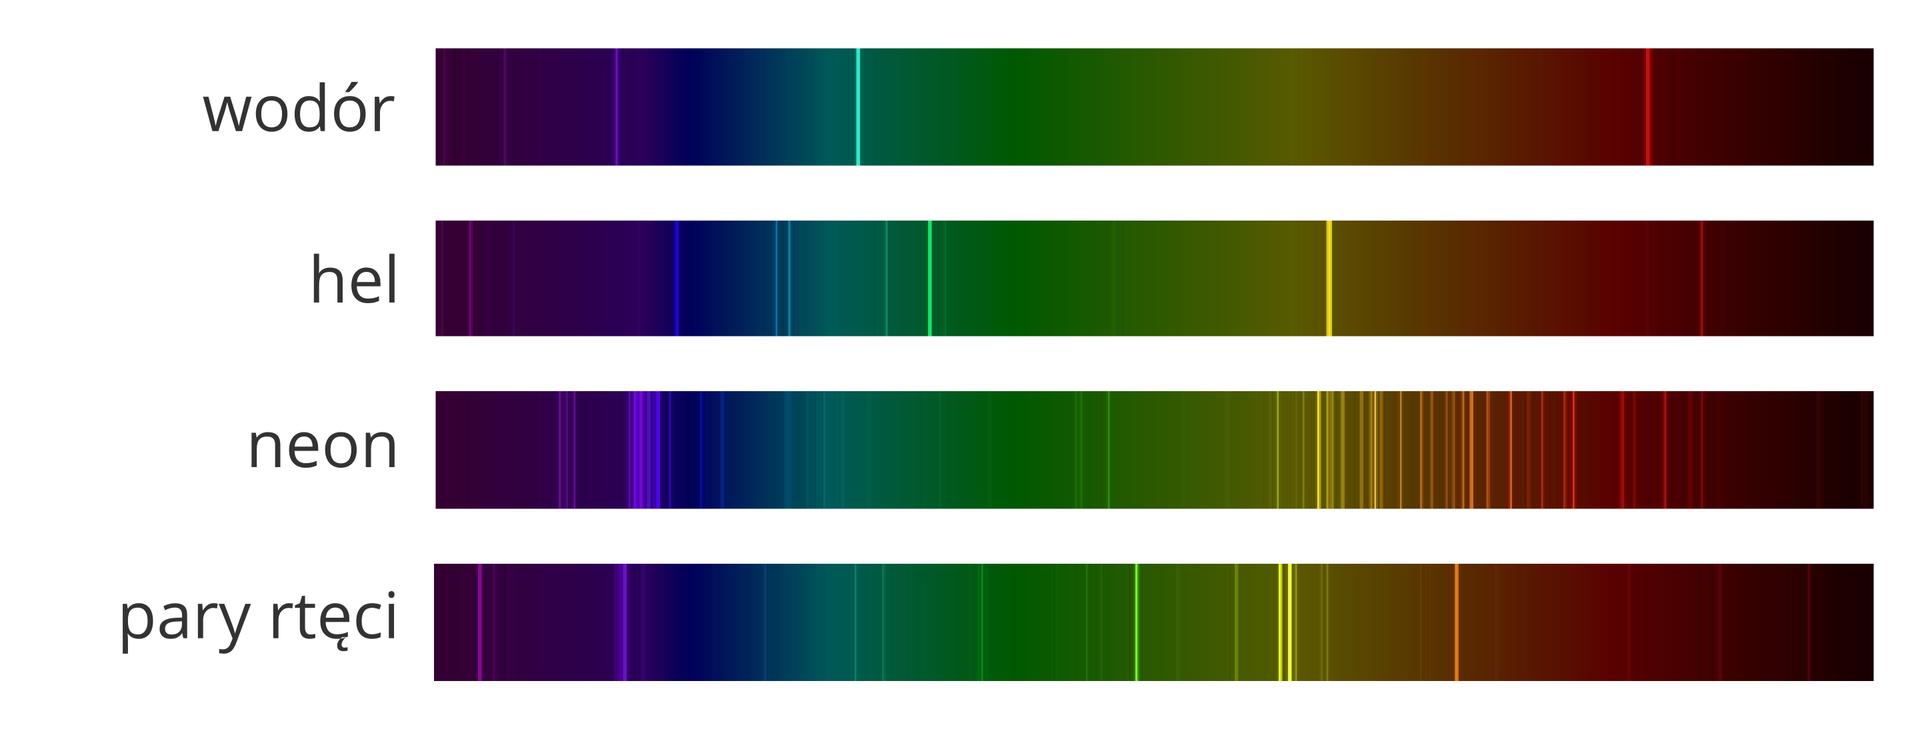 Ilustracja przedstawia widma czterech gazów. Widma mają kształt poziomych długich prostokątów. Szerokość to około piętnaście milimetrów. Długość około piętnaście centymetrów. Każde widmo ma powierzchnię pokrytą tęczowymi barwami. Lewy iprawy koniec widma to kolor czarny. Wdalszej części widma kolory zmieniają się. Na lewo niebieski, przechodzi wzielony. Zielony przechodzi wbordowy iponownie czarny. Linie widmowe ułożone są poziomo jedna nad druga. Górna linia widmowa to wodór. Wśrodkowej części widma przeważa kolor zielony. Poniżej drugi prostokąt. To widmo helu. Lewa strona to kolor niebieski. Wśrodku nieco zielone iprawa strona to bordo iczarny. Wprawej części żółta pionowa linia. Szerokość około jeden milimetr. Trzecie widmo poniżej to neon. Lewa strona widma to kolor niebieski. Wśrodkowej części niebieskiej liczne fioletowe pionowe linie skupione na szerokości pięciu milimetrów. Na prawo od części zielonej liczne żółte pionowe linie. Na powierzchni bordowej liczne czerwone linie. Czwarte widmo na dole to pary rtęci. Lewa część widma to kolor niebieski. Nieliczne pionowe fioletowe linie. Na prawo zielona barwa. Na końcu zielonej powierzchni liczne żółte pionowe linie. Na bordowej powierzchni jedna pomarańczowa pionowa linia.